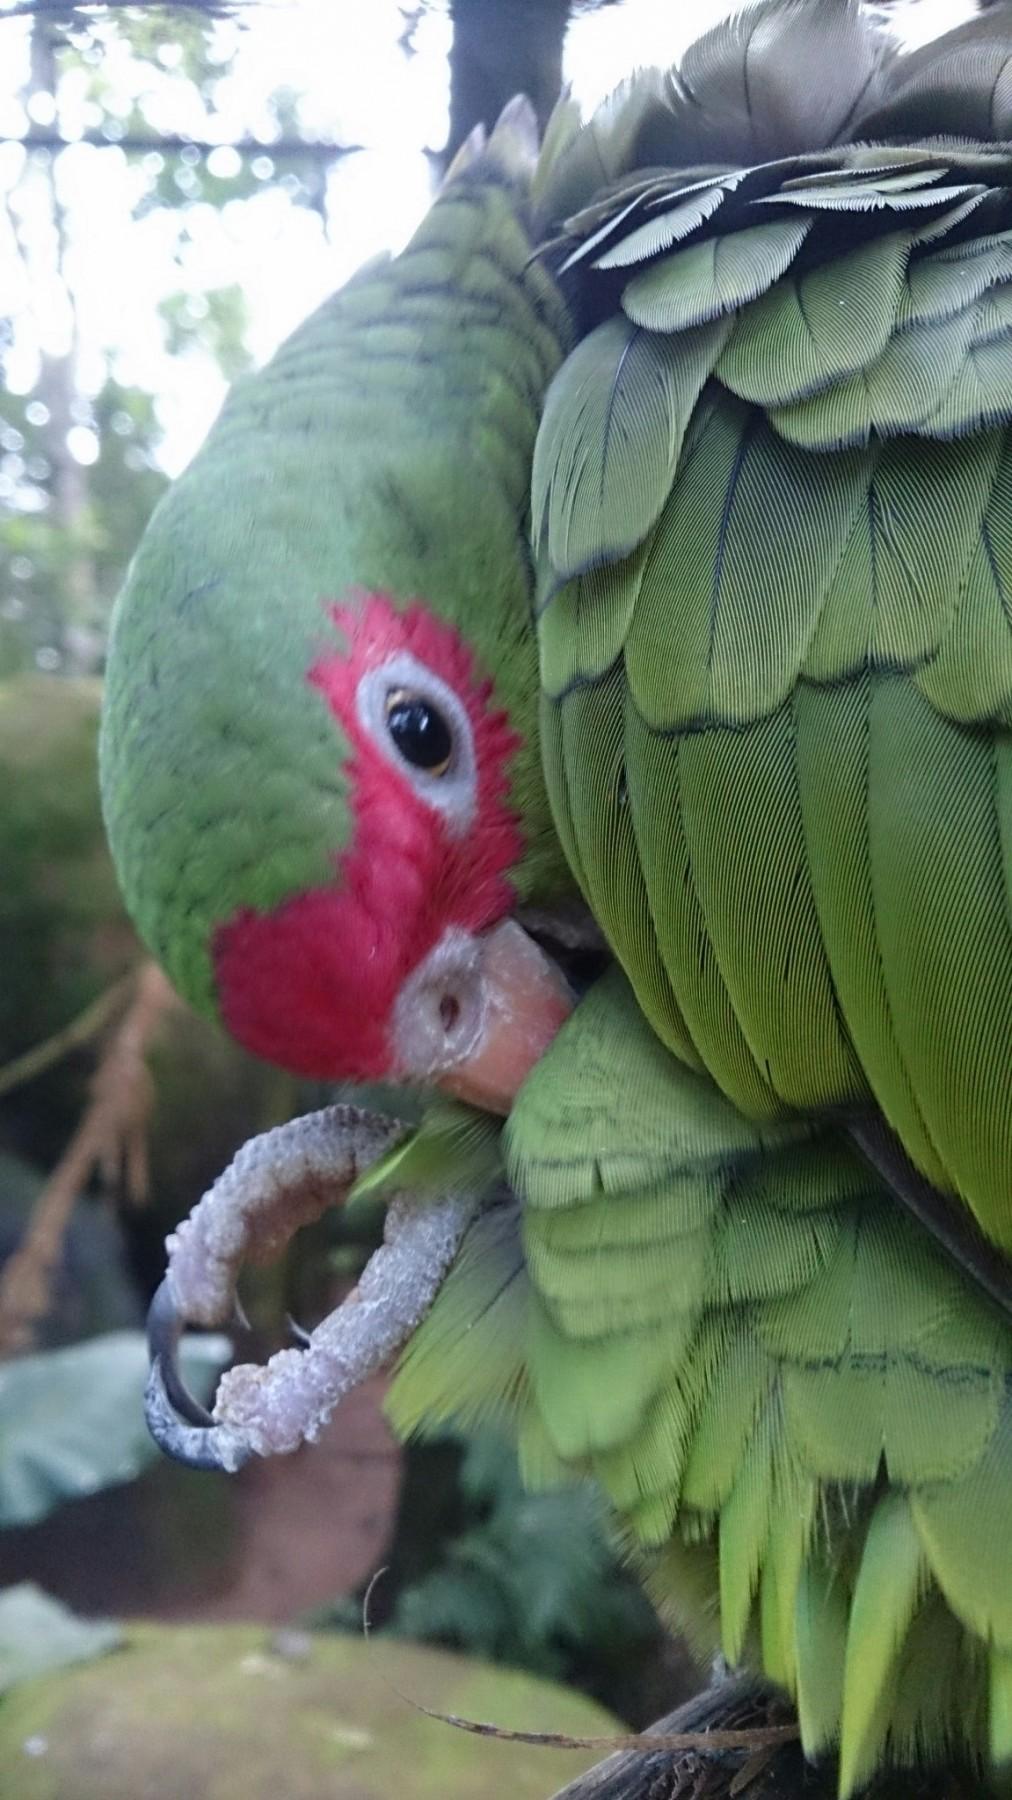 Roteiro-foz-do-iguaçu-parque-das-aves-3-1012x1800 Roteiro Foz do Iguaçu Completo (e ÉPICO) - 3 a 5 dias